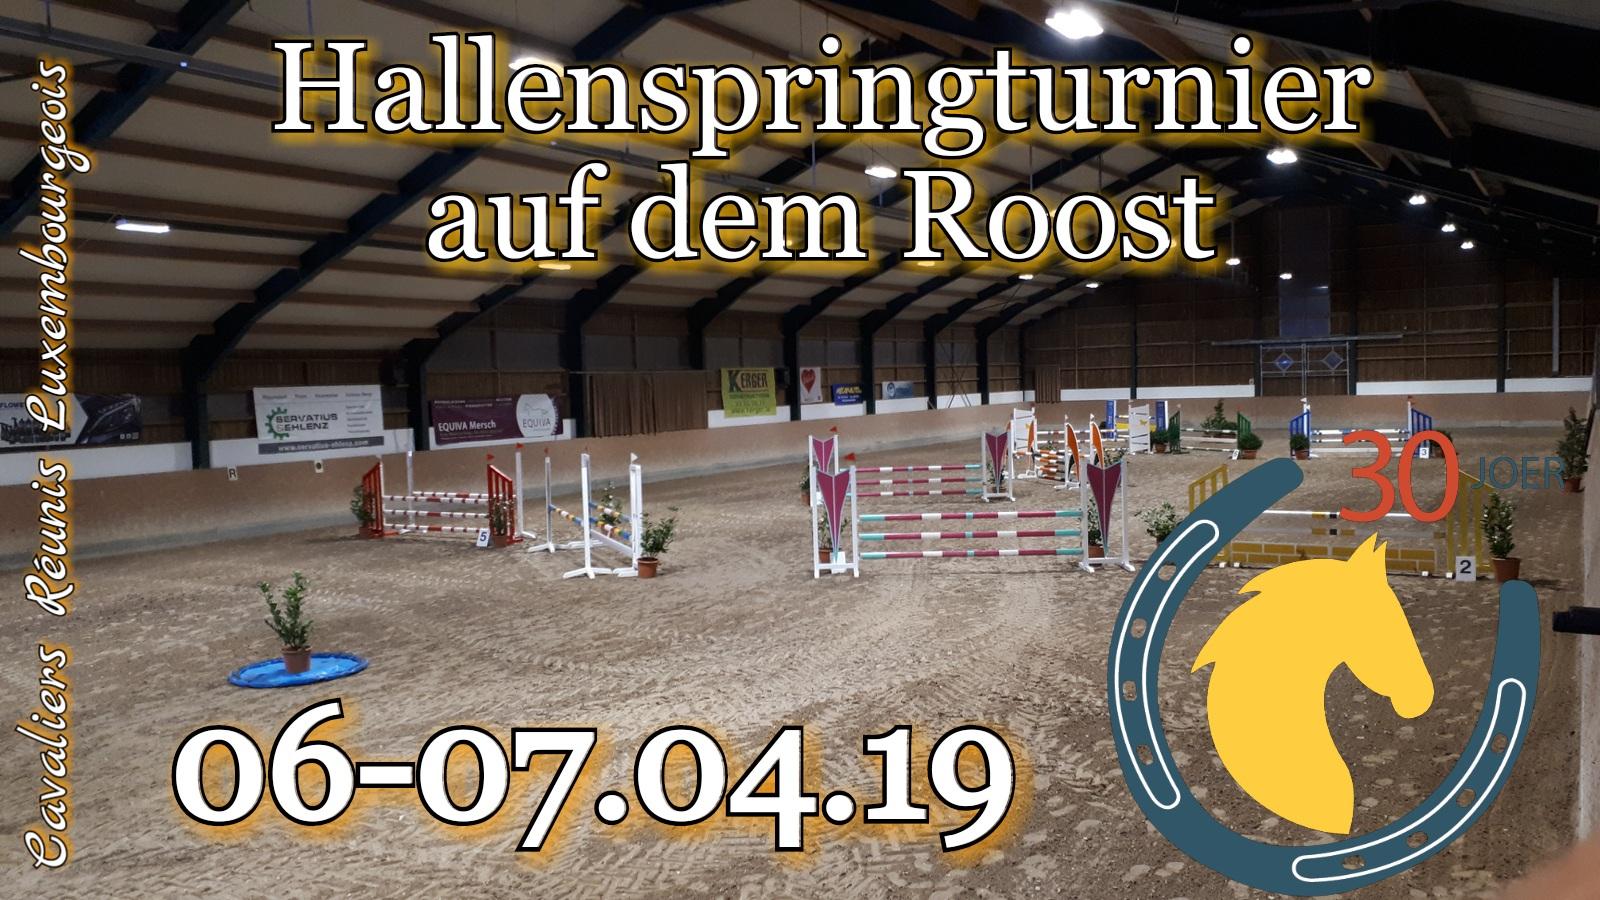 Online abhacken - Hallenspringturnier April 2019